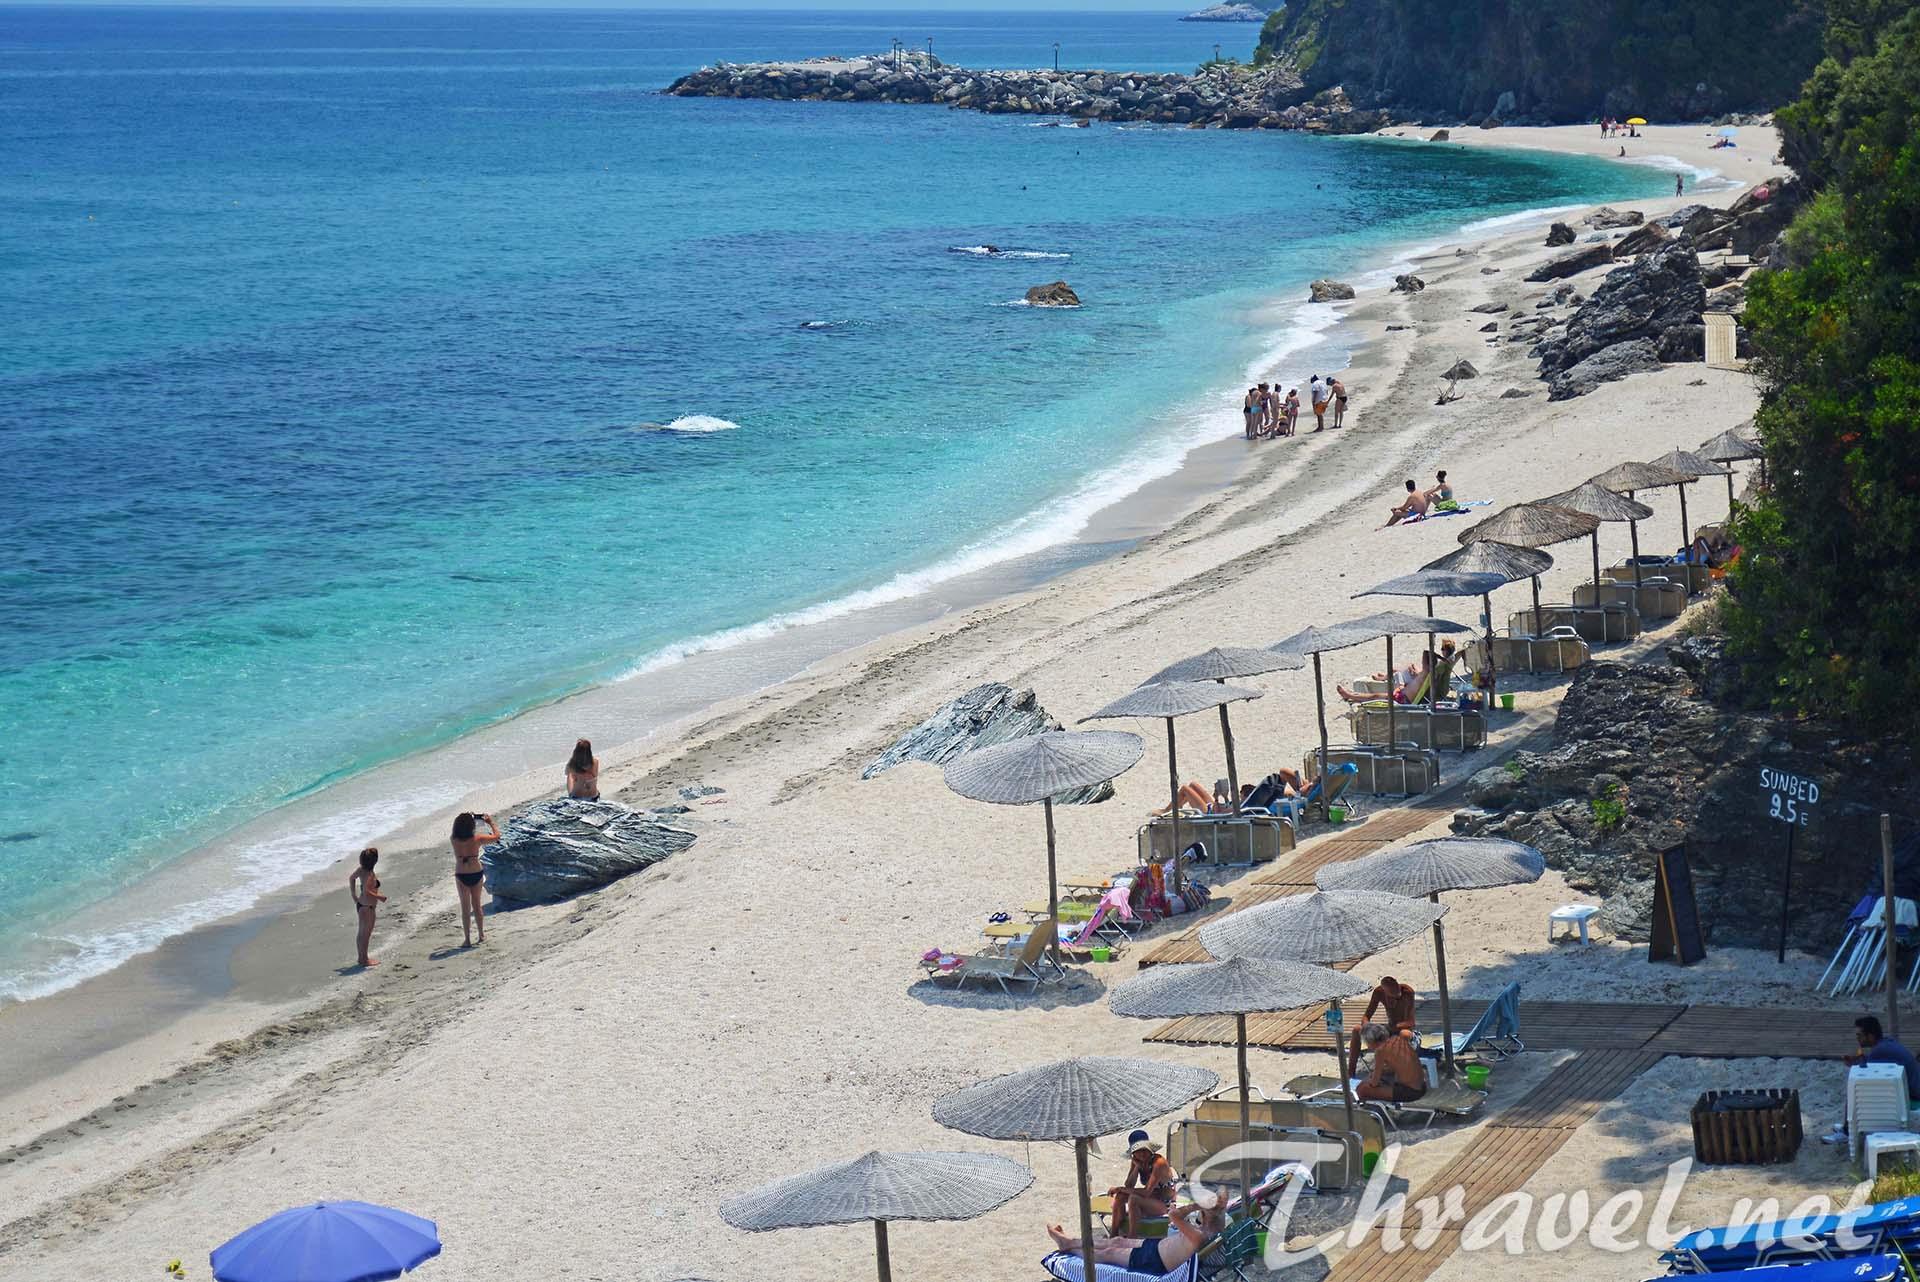 plaka-beach-photos